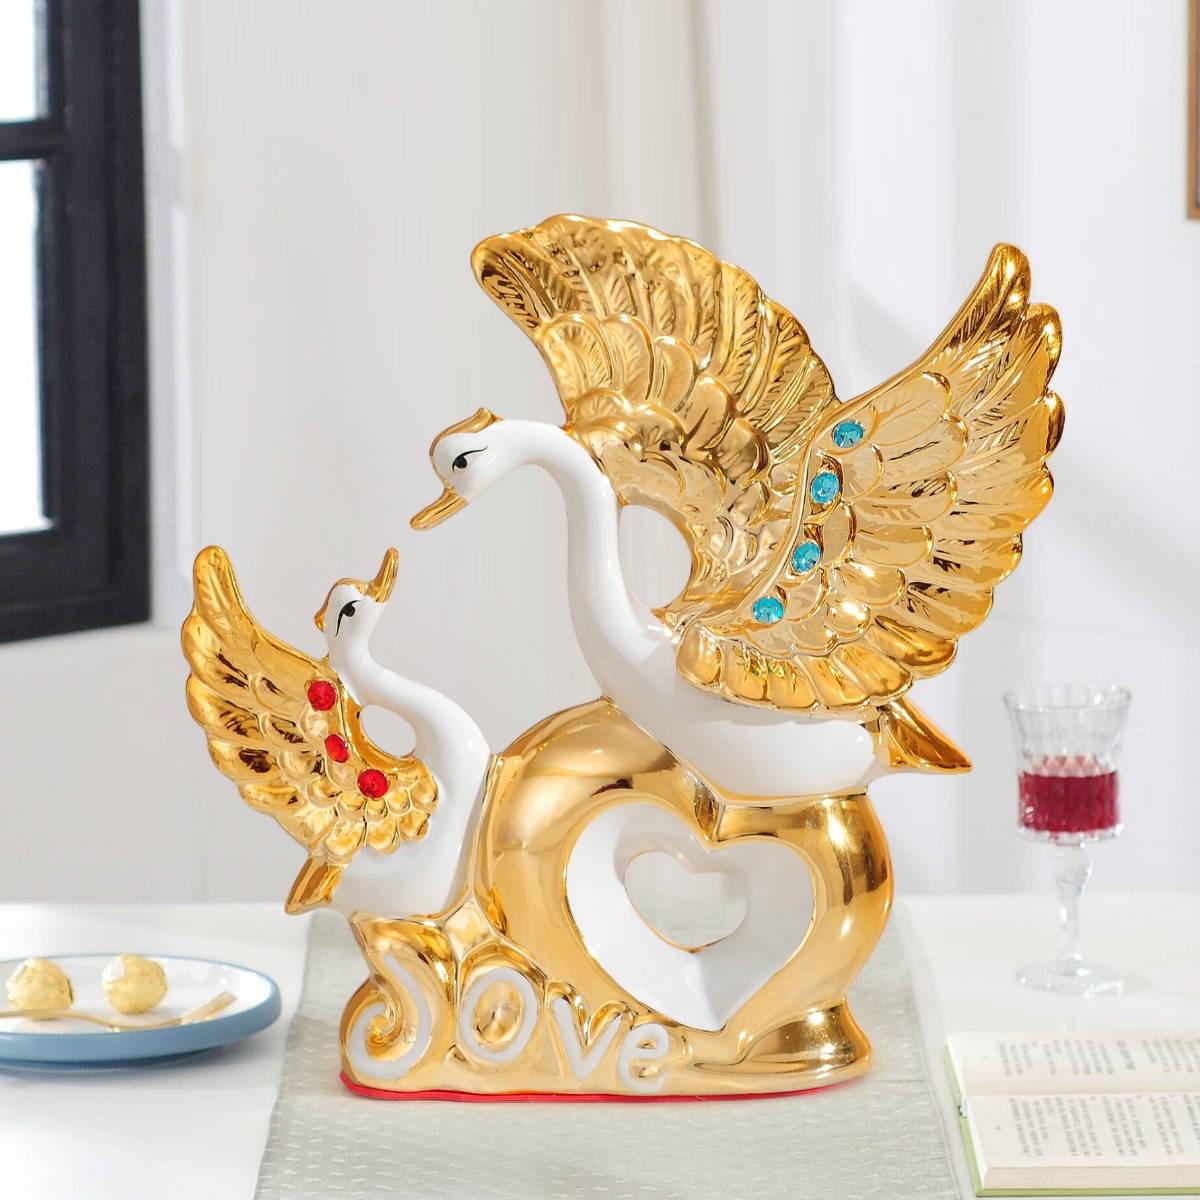 天鹅花瓶陶瓷装饰品家居客厅酒柜电视柜创意装饰结婚礼物新居房间